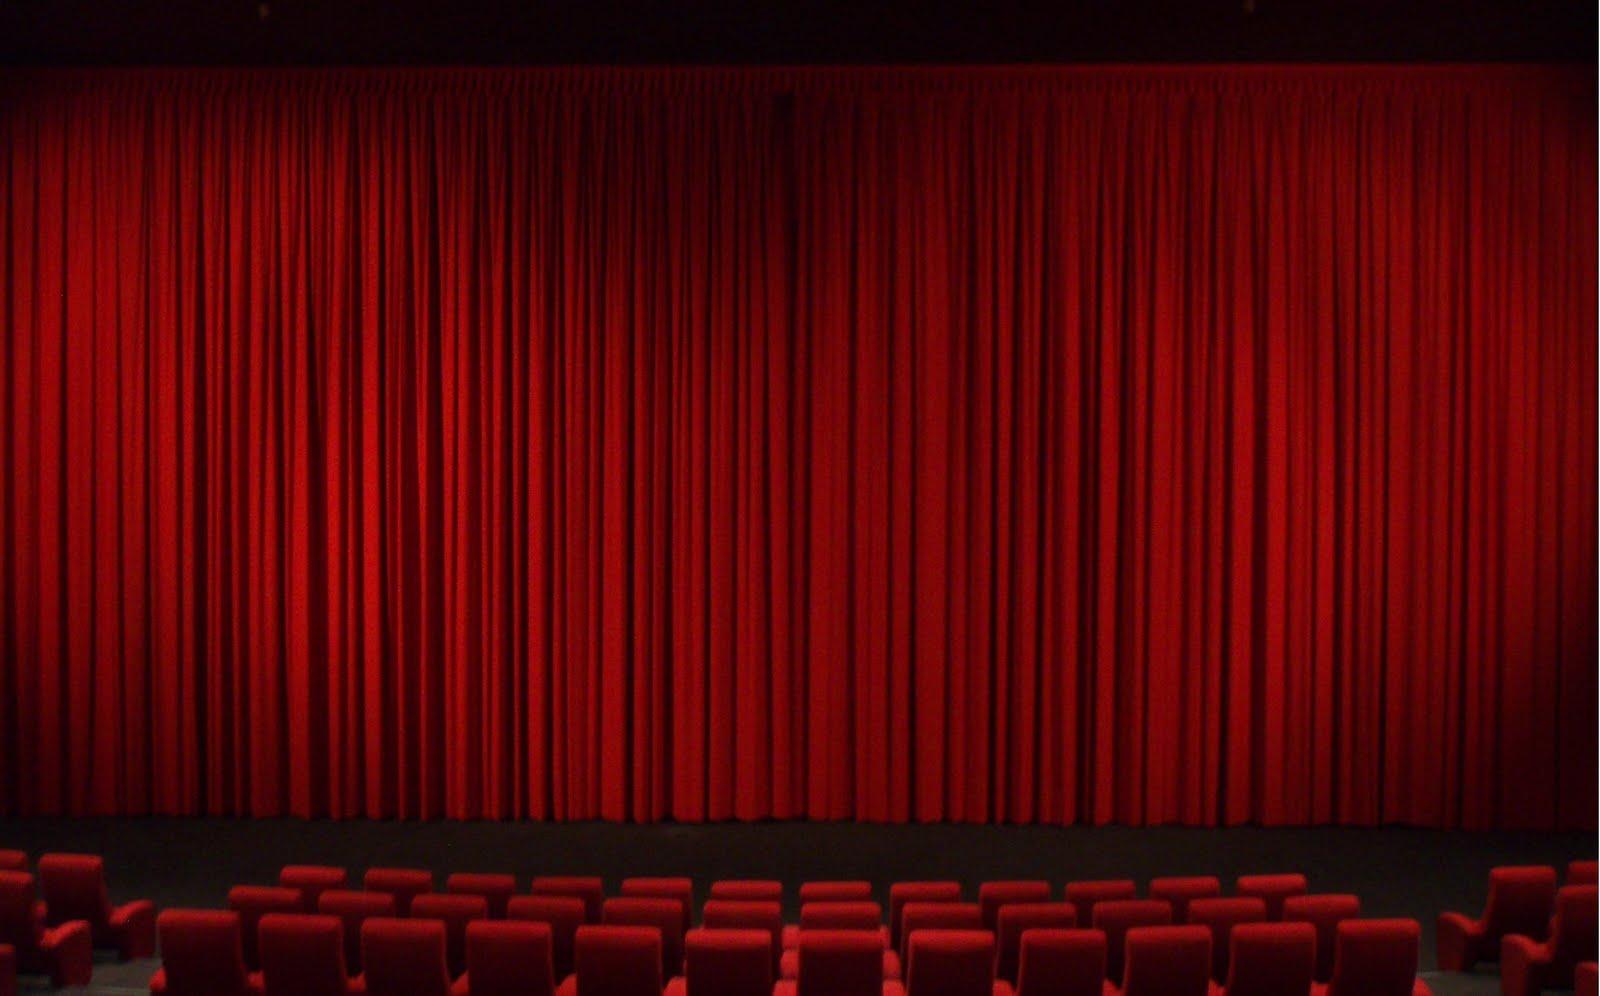 Theatre Curtains.